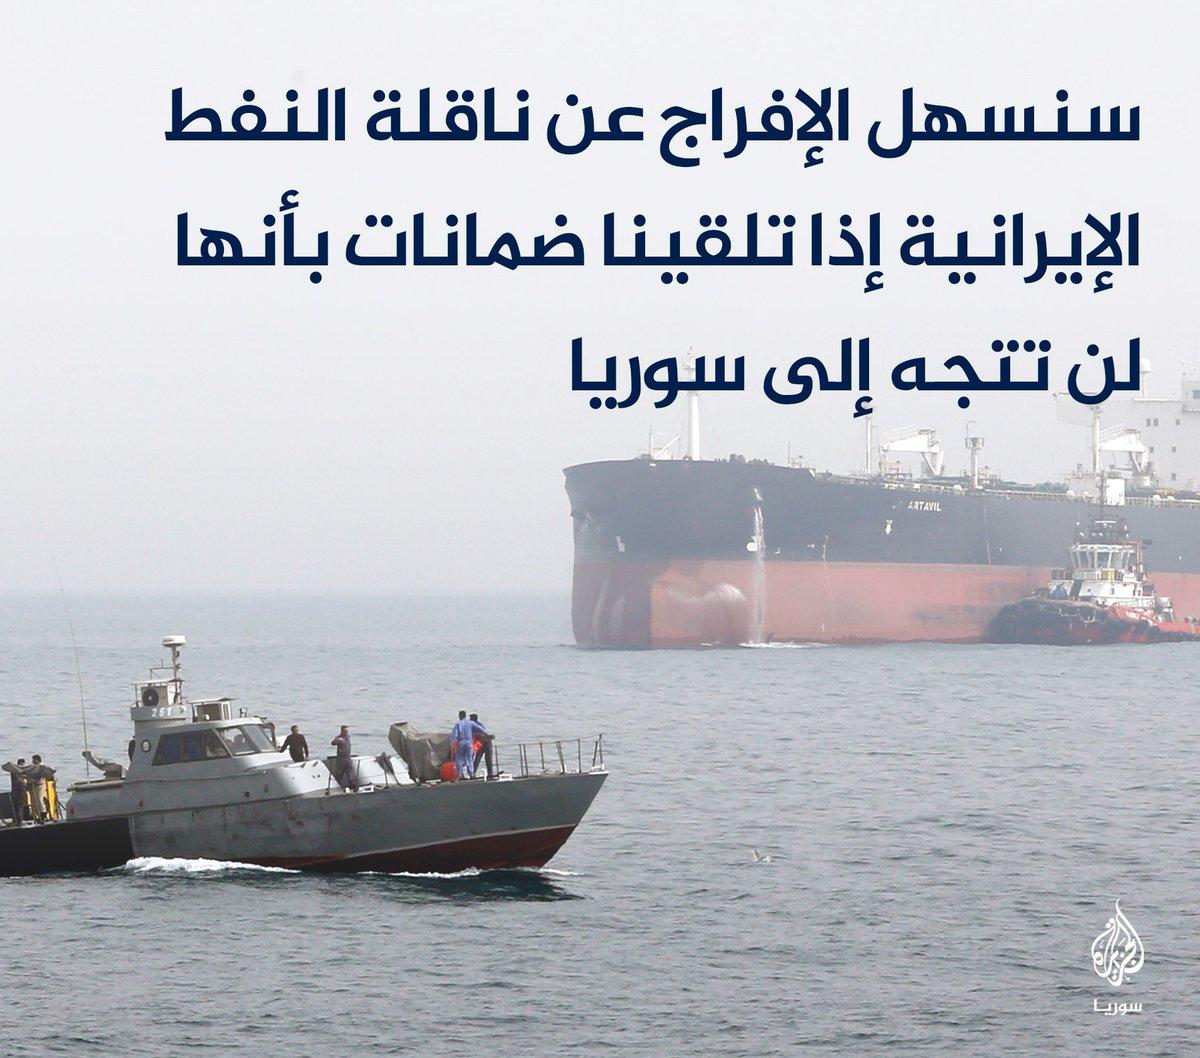 وزير الخارجية البريطاني: سنسهل الإفراج عن ناقلة النفط الإيرانية إذا تلقينا ضمانات بأنها لن تتجه إلى #سوريا